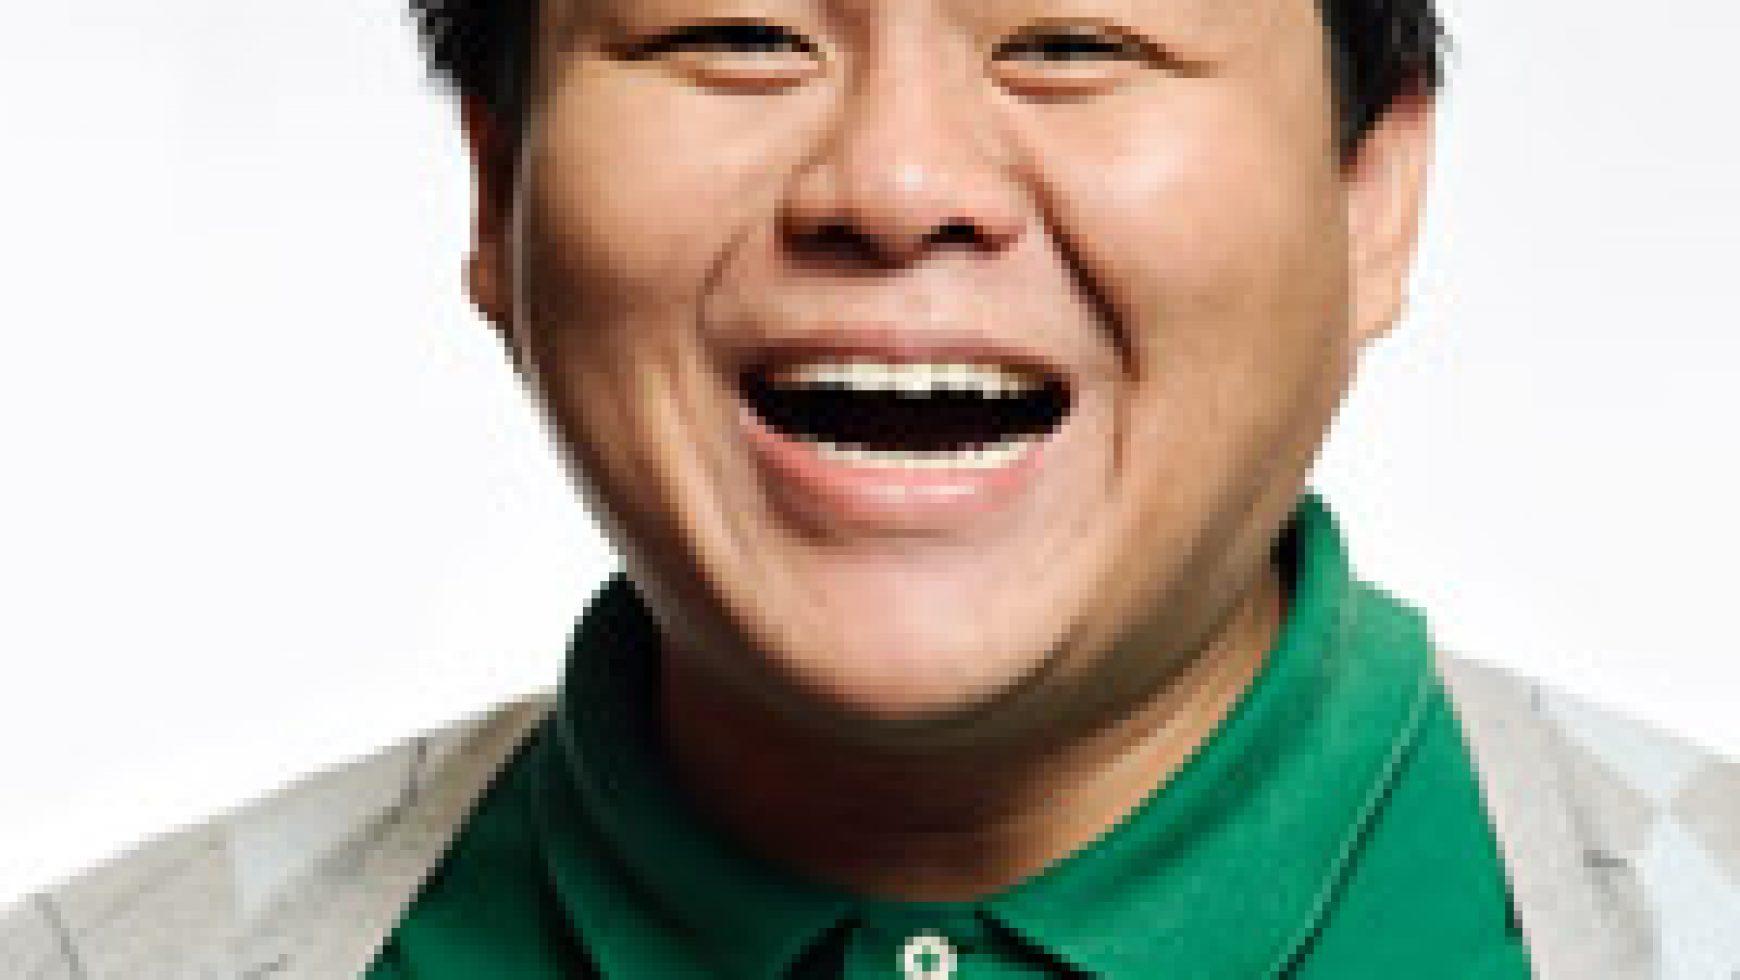 Jeffrey Aw